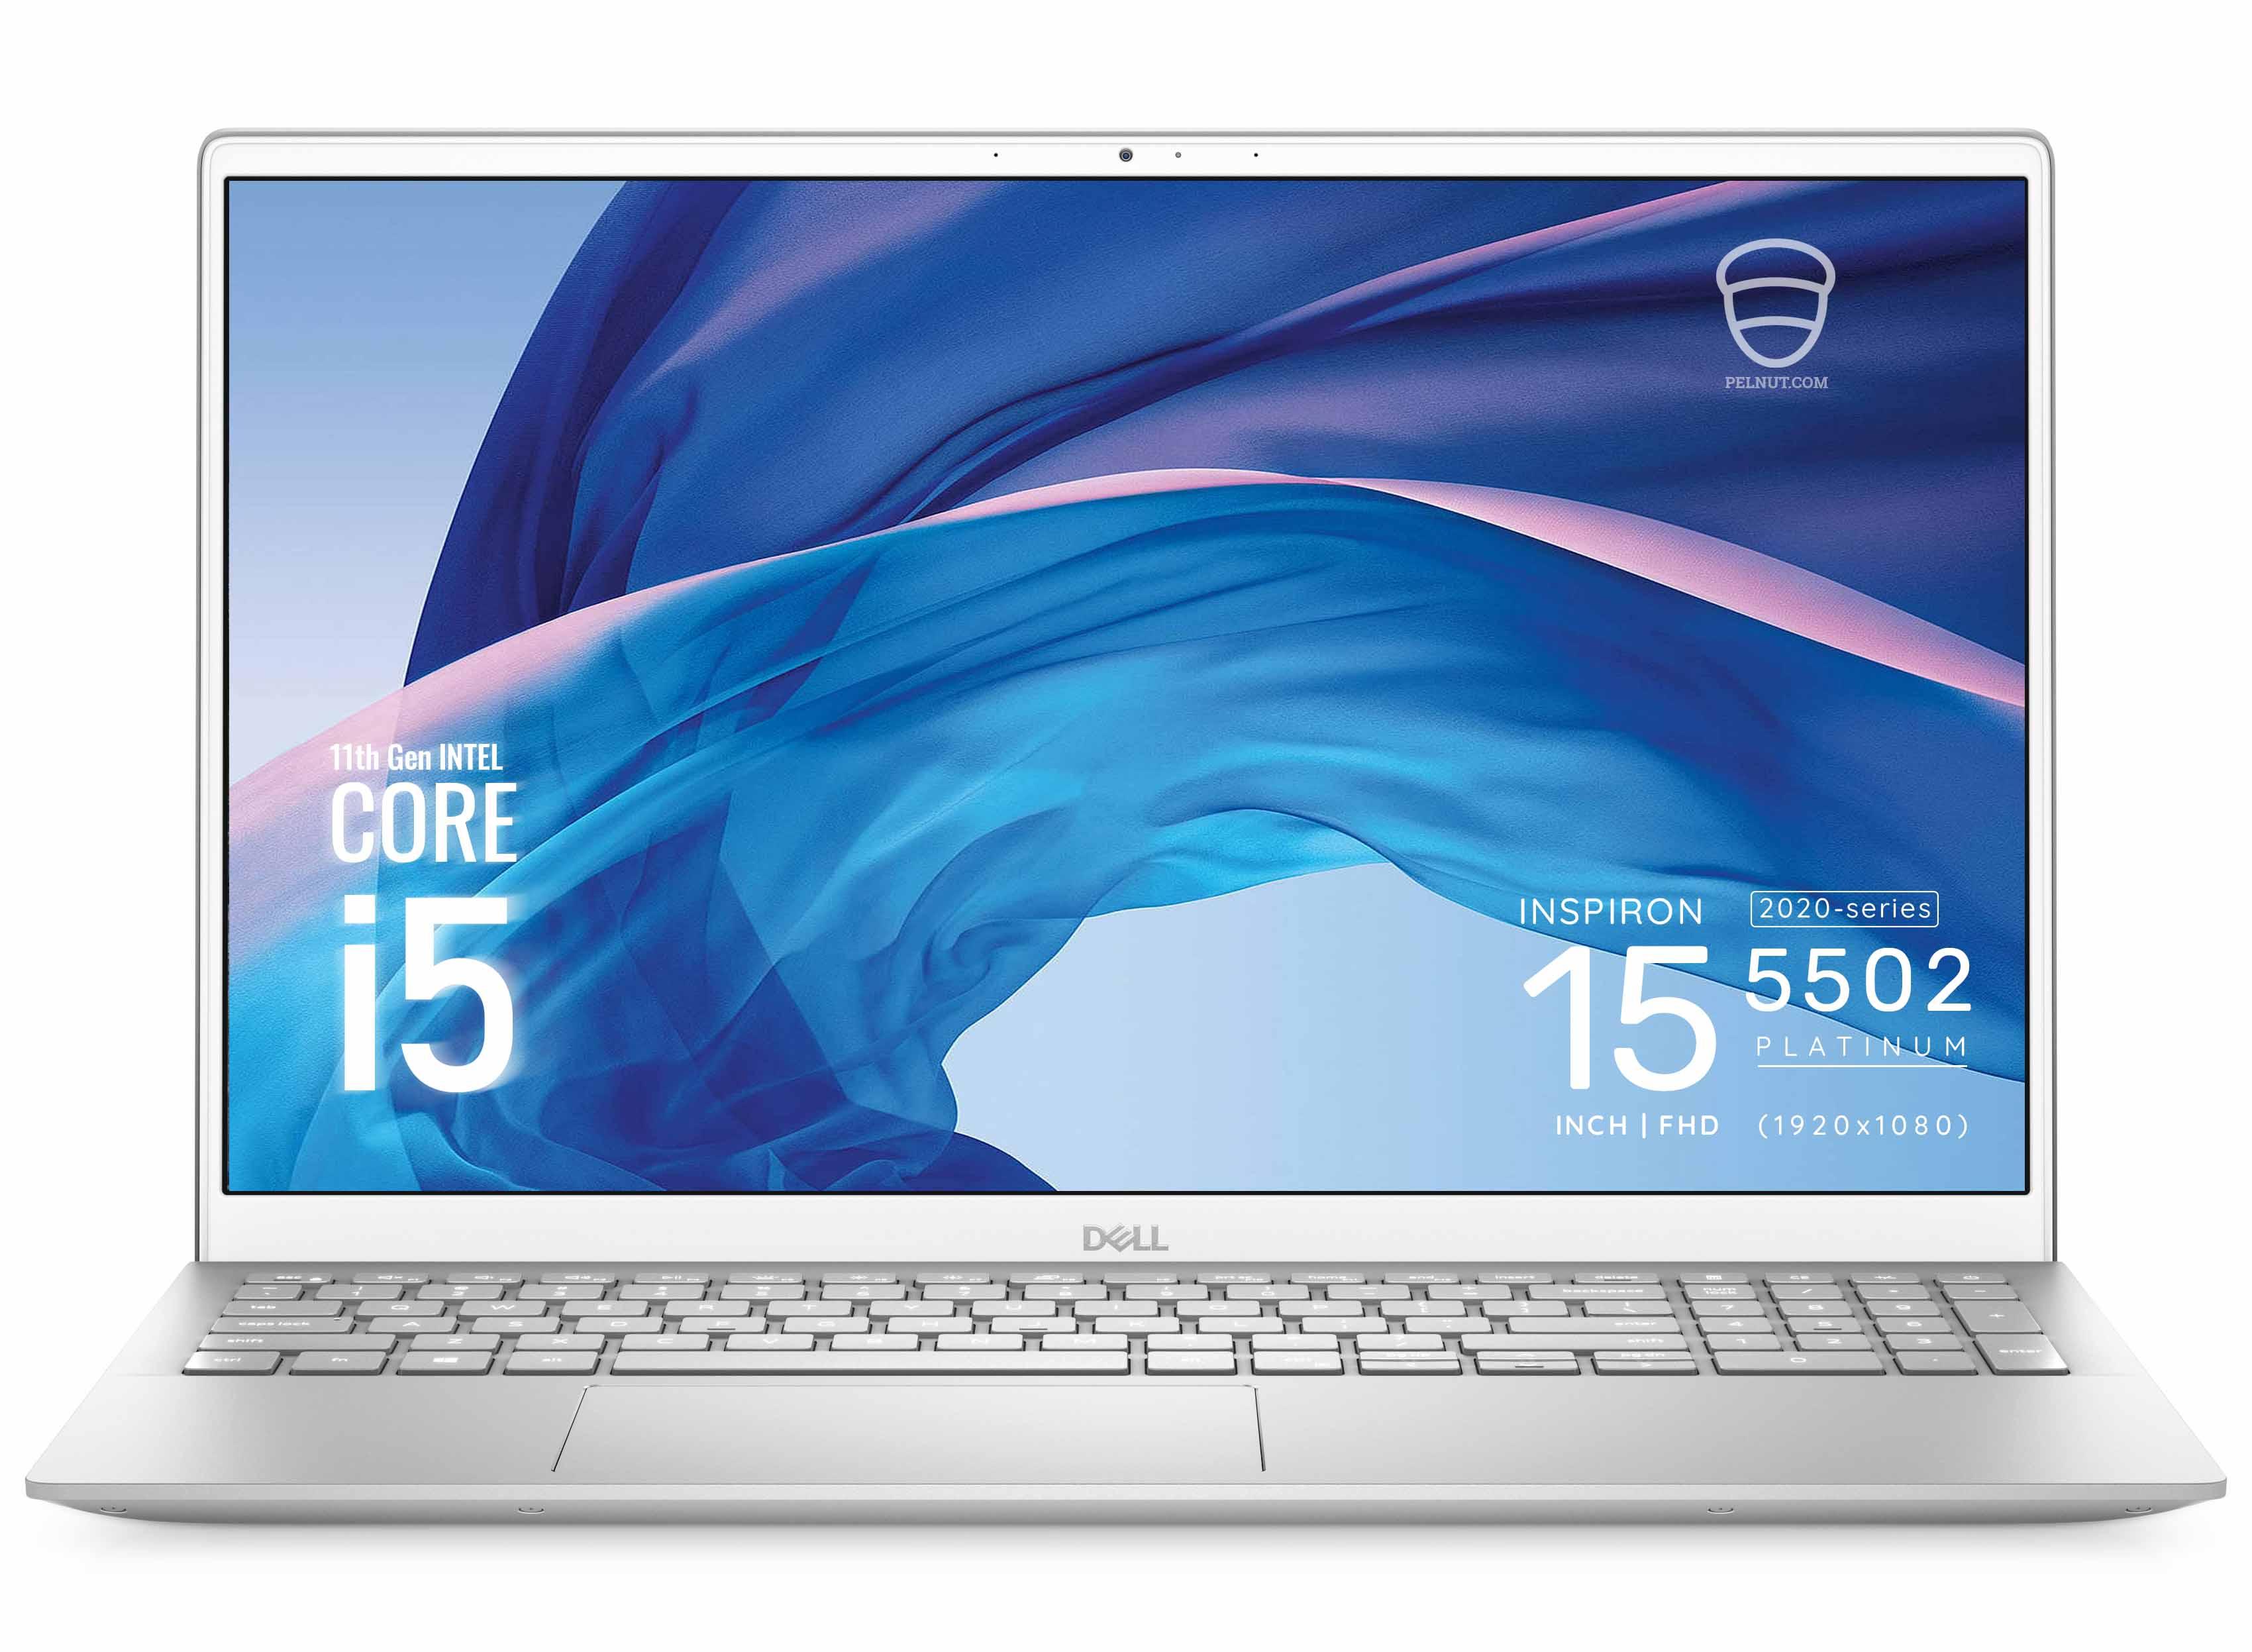 Dell Inspiron 115 115 115 115.115 FHD 115 x 115 Intel Core i15 11315G15 15GB  Ram 215115GB SSD Win15